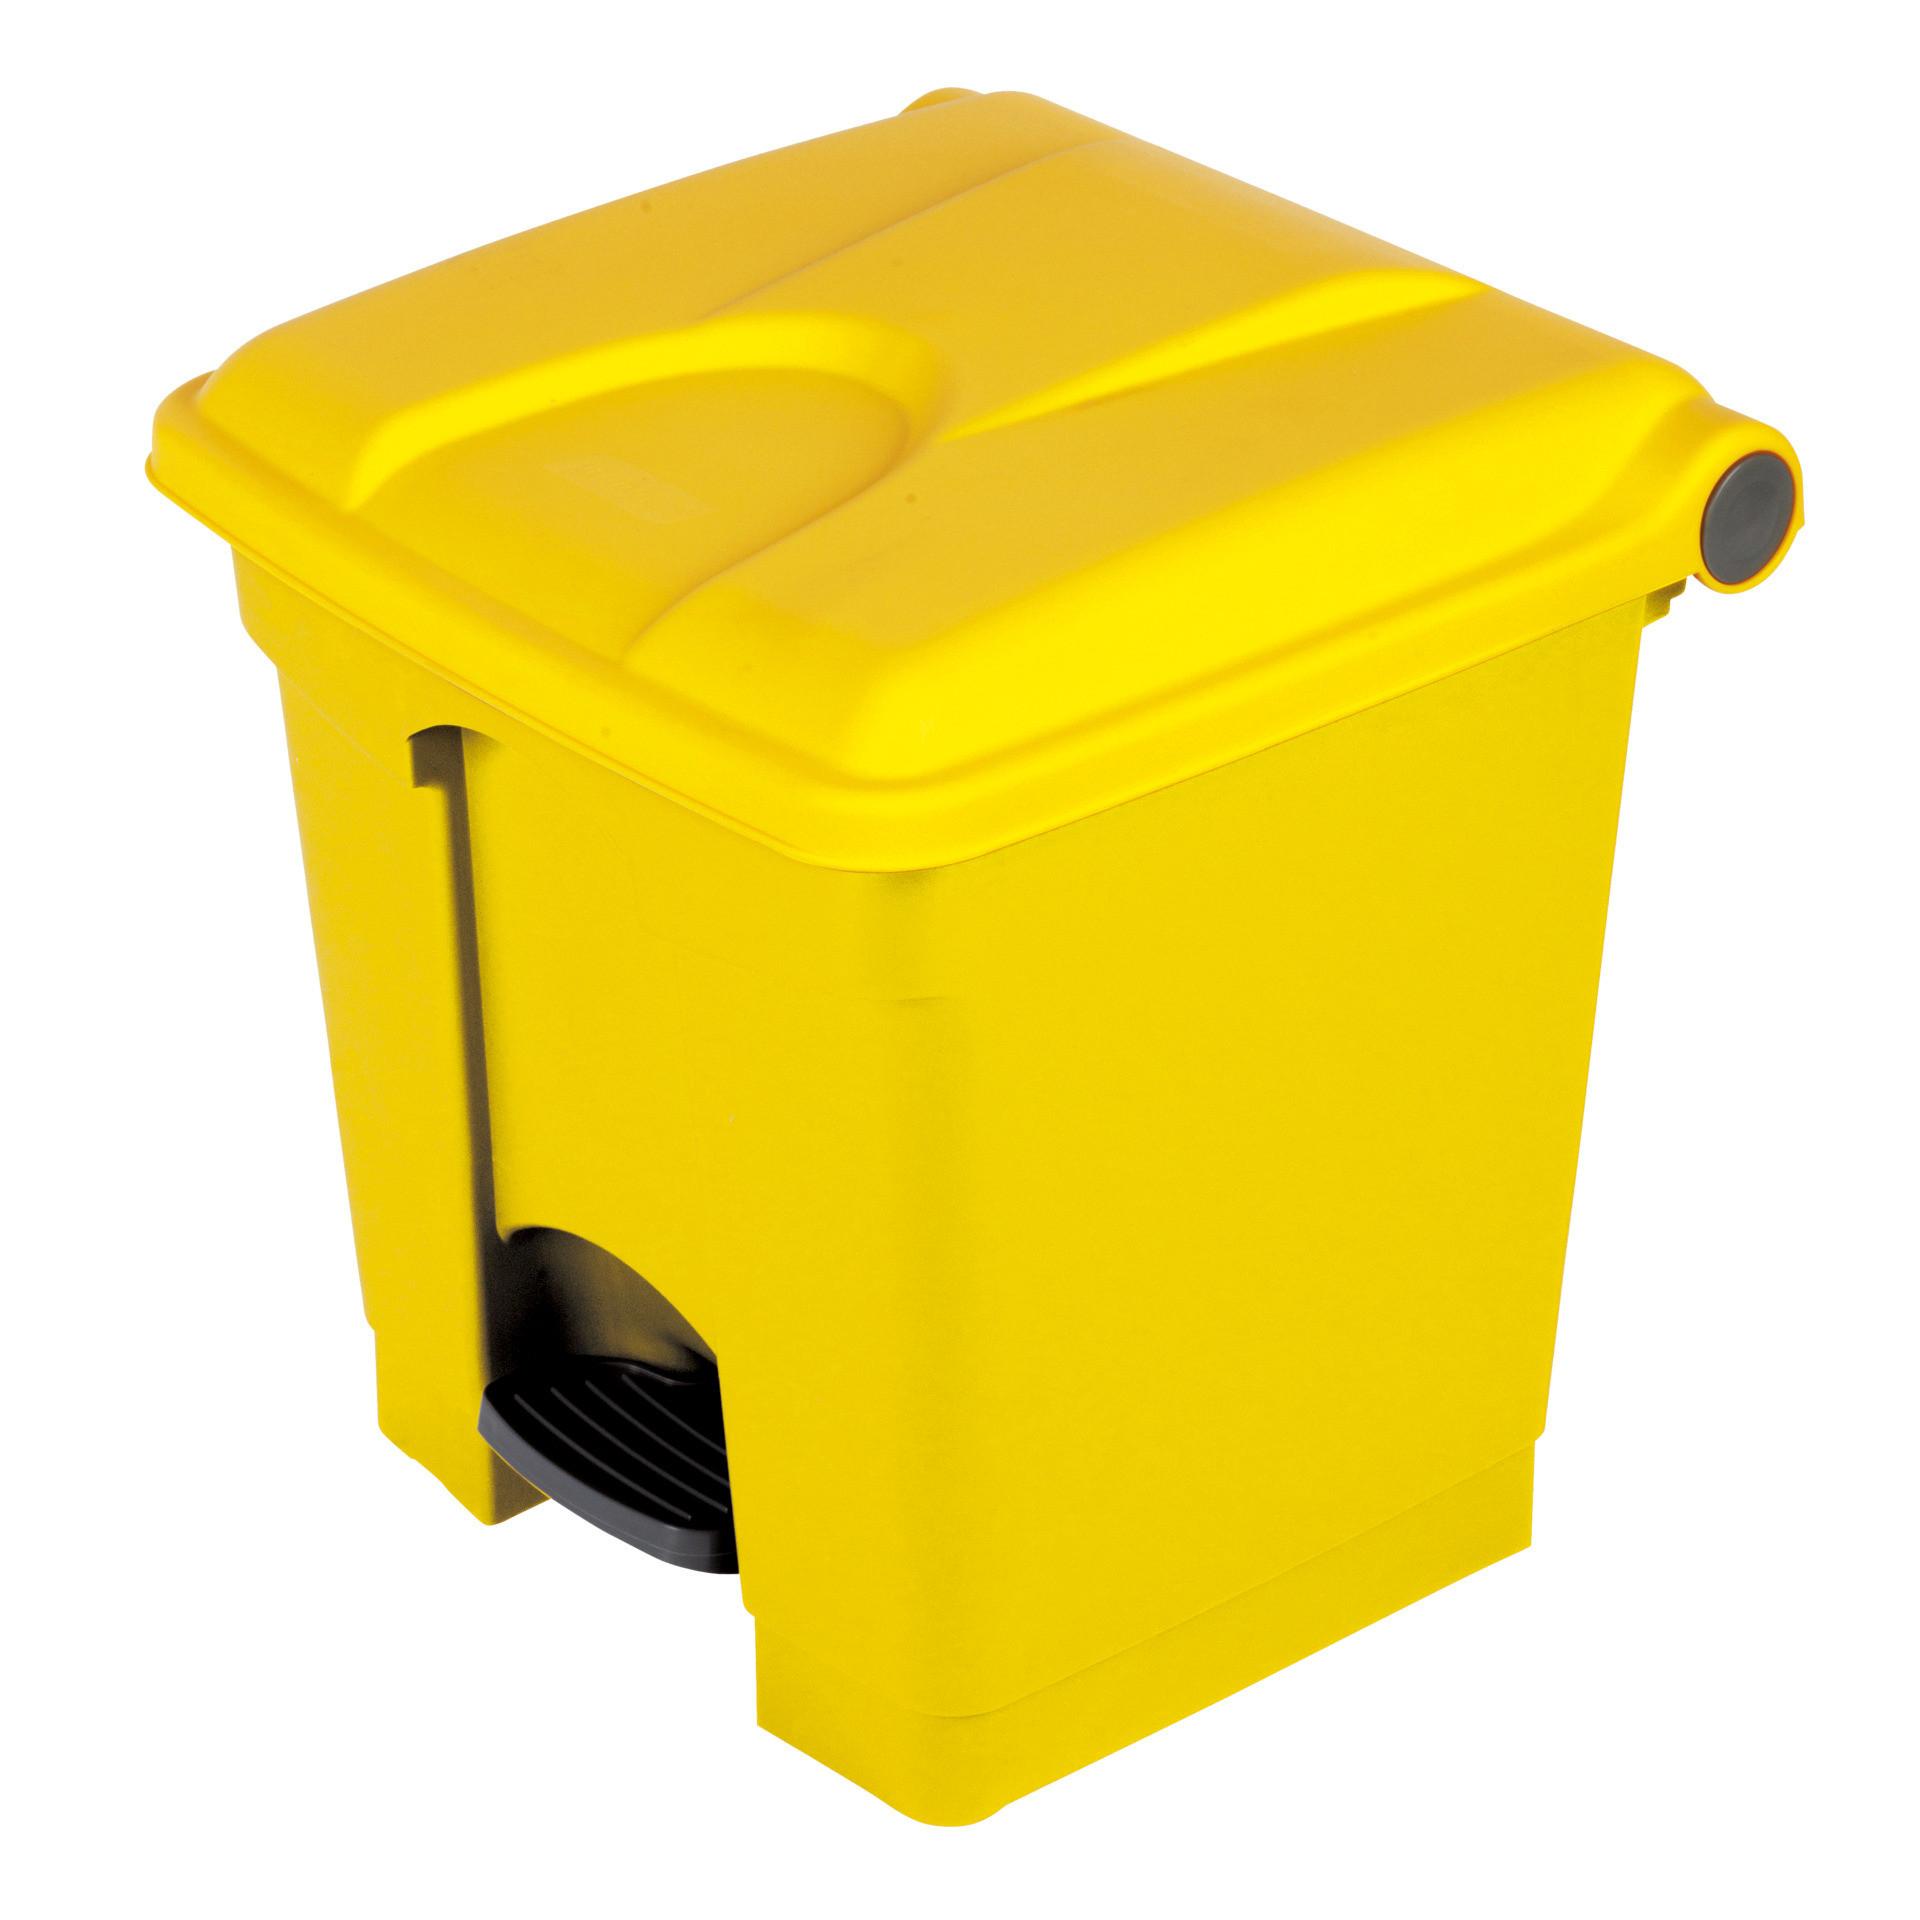 Treteimer 70 l rechteckig gelb / gelb 412 x 495 x 673 mm